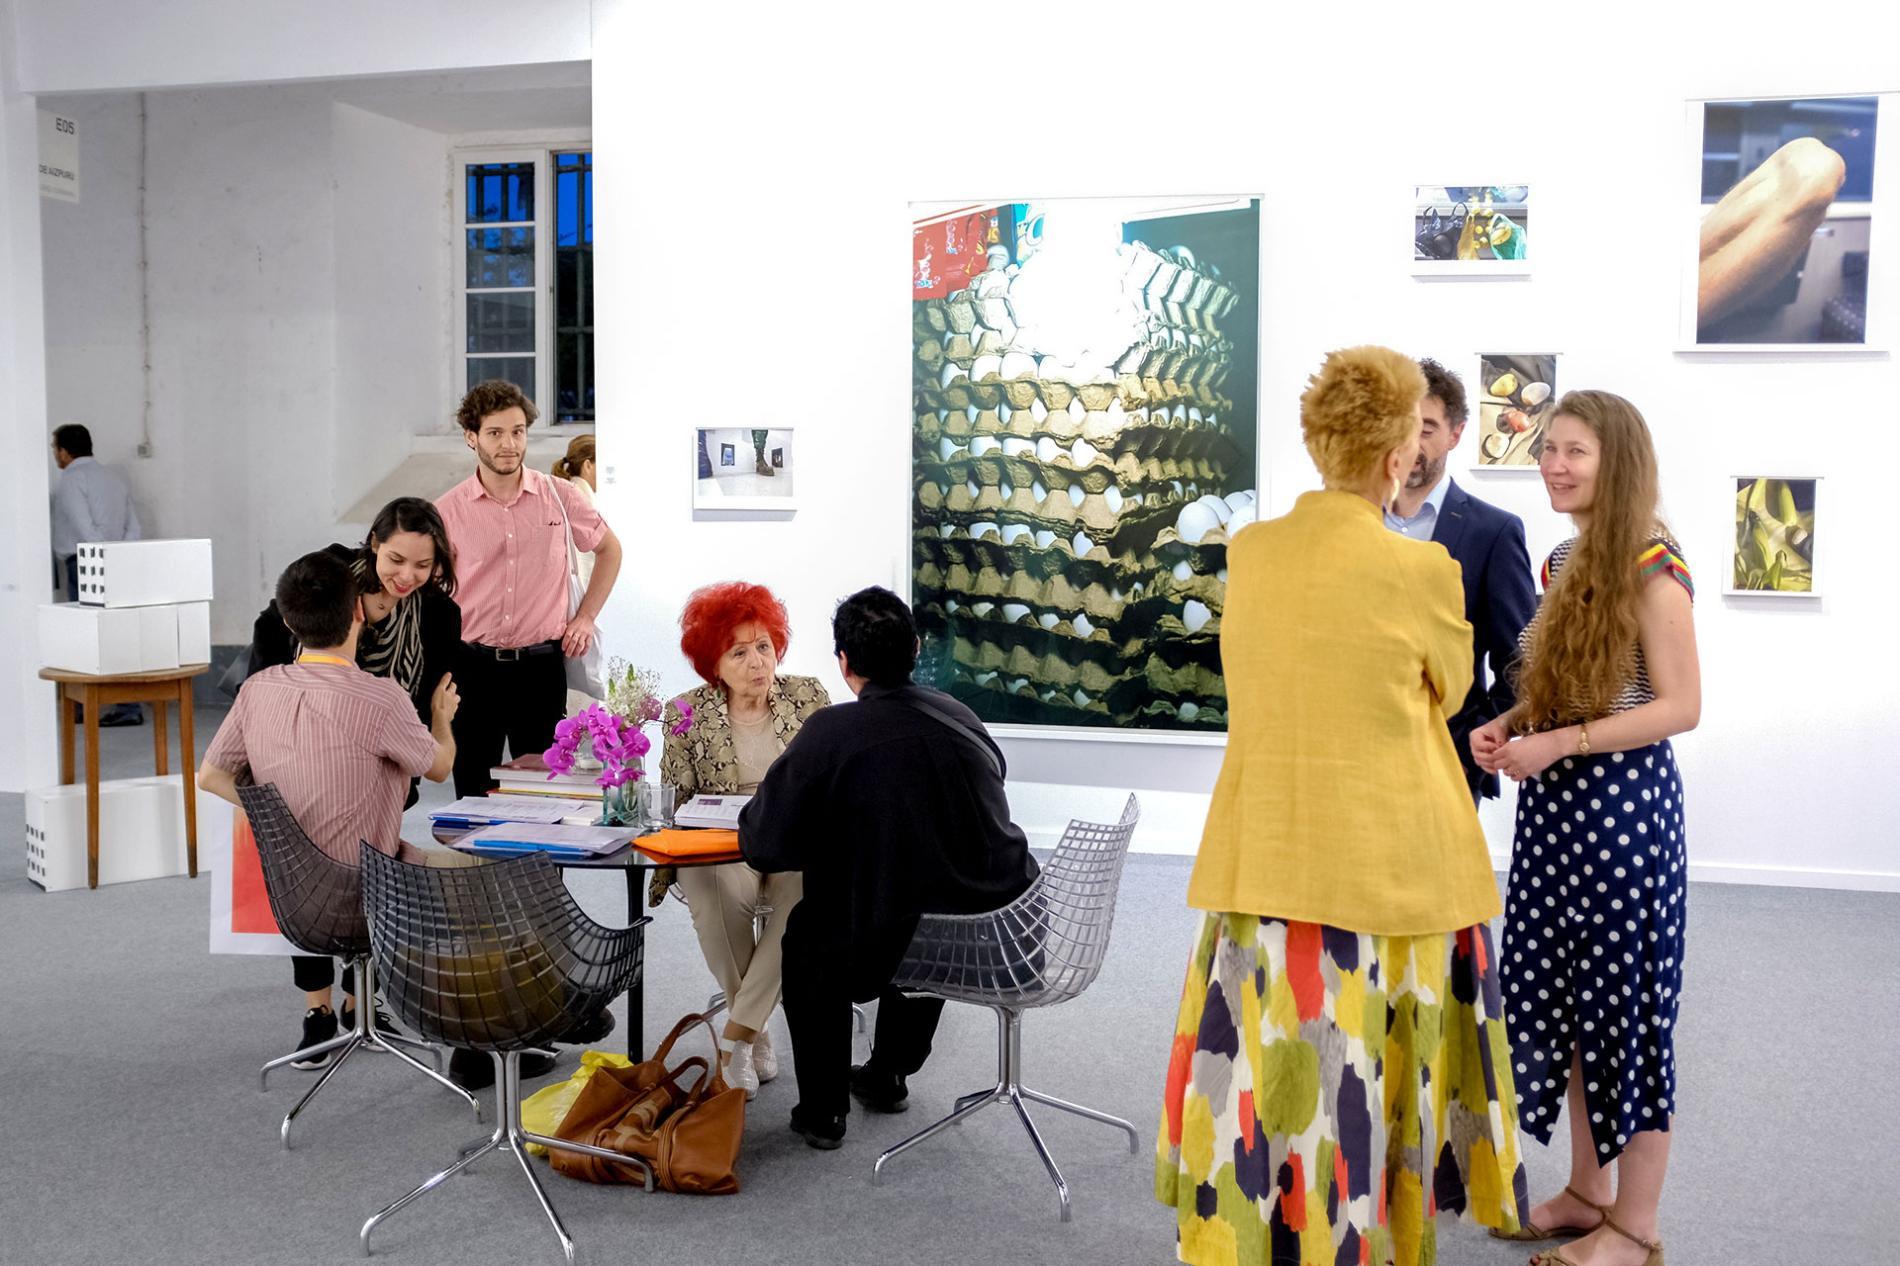 Artistas e invitados hablando durante la exposición